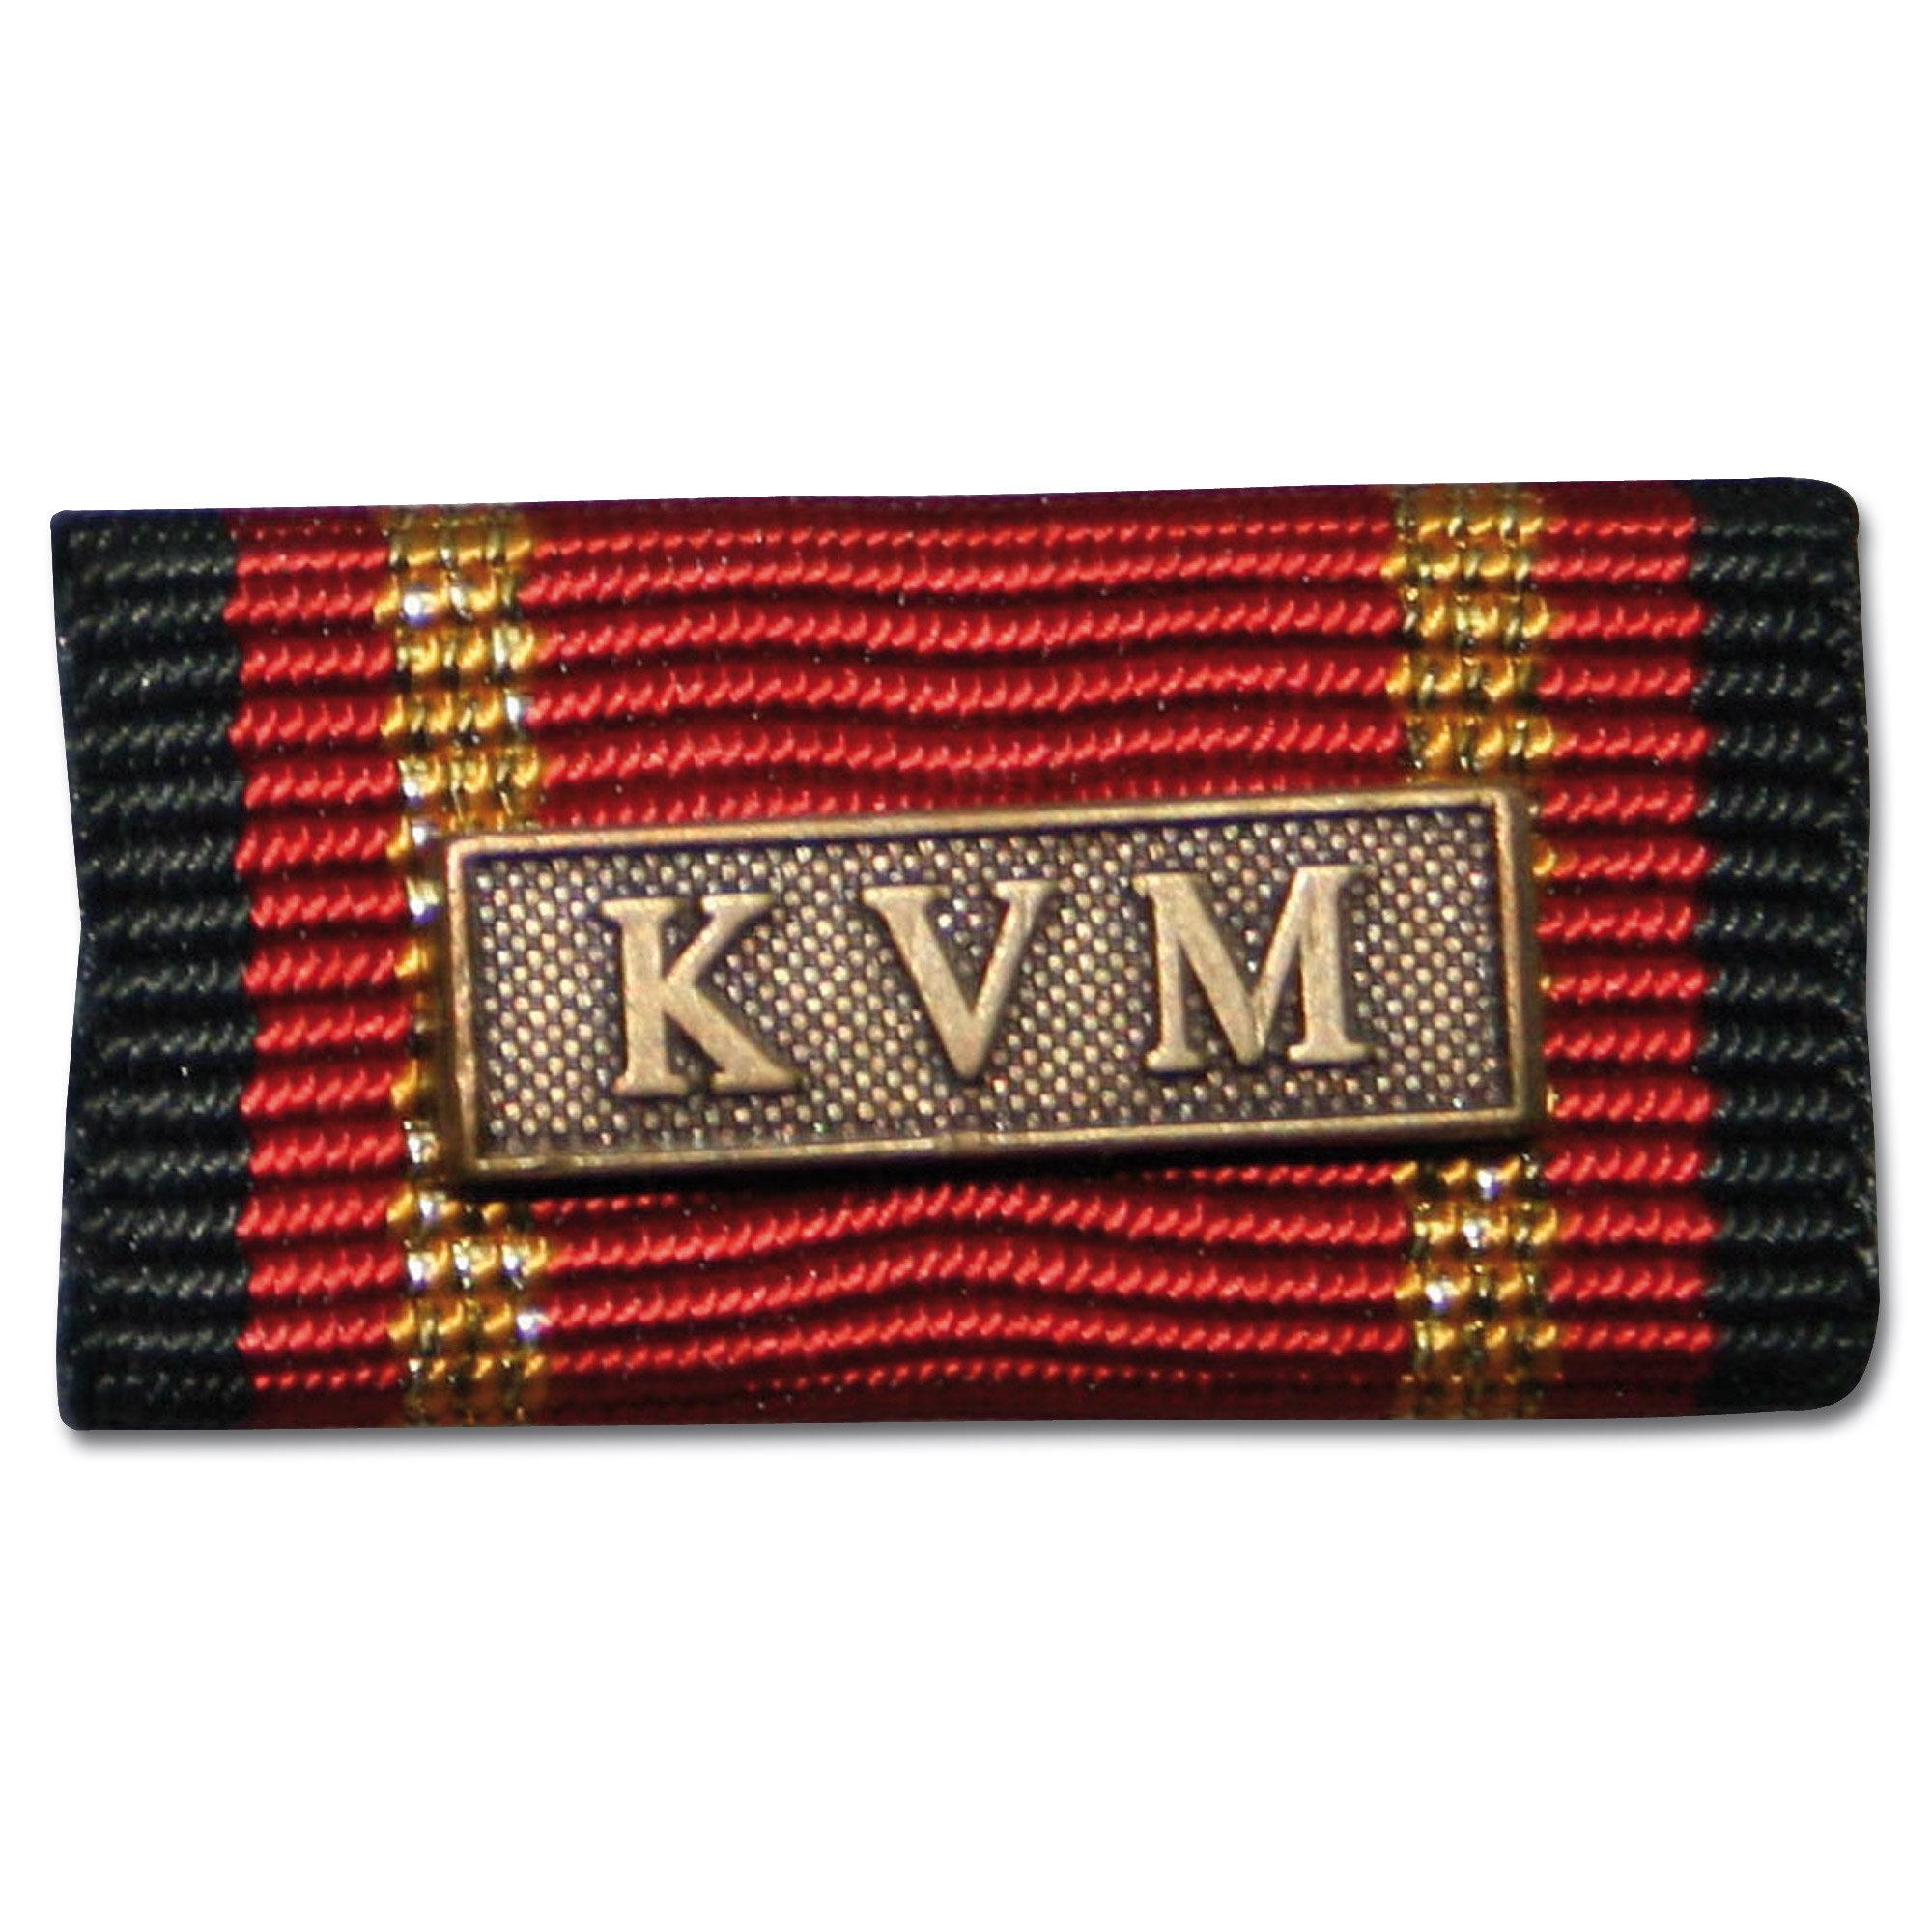 Ordensspange Auslandseinsatz KVM bronze